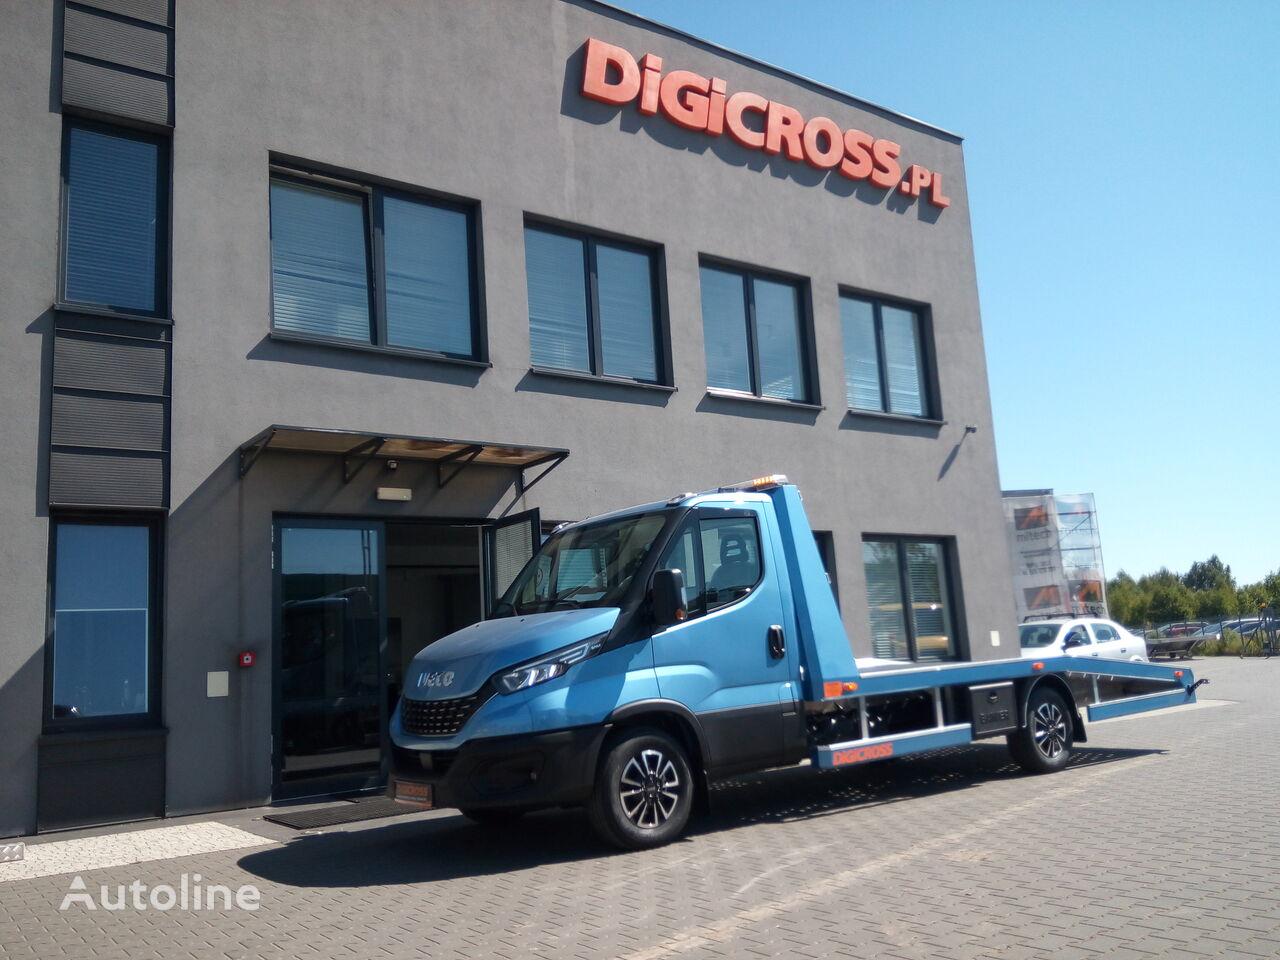 新拖吊车 IVECO 35S21A8  Digicross